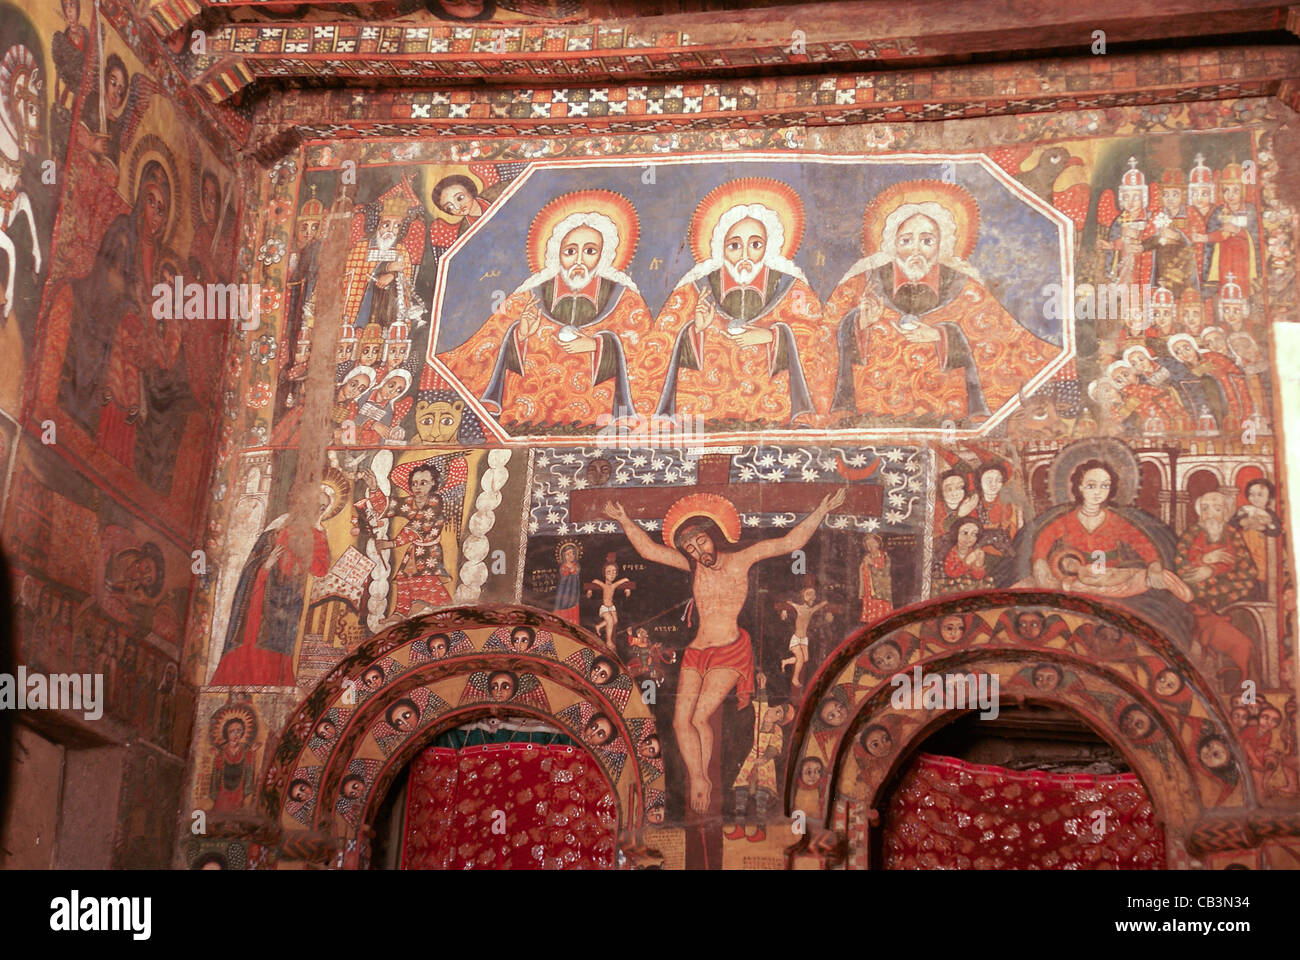 Africa, Etiopia, Gondar il soffitto dipinto nella chiesa di Debre Birhan Selassie arte religiosa Immagini Stock